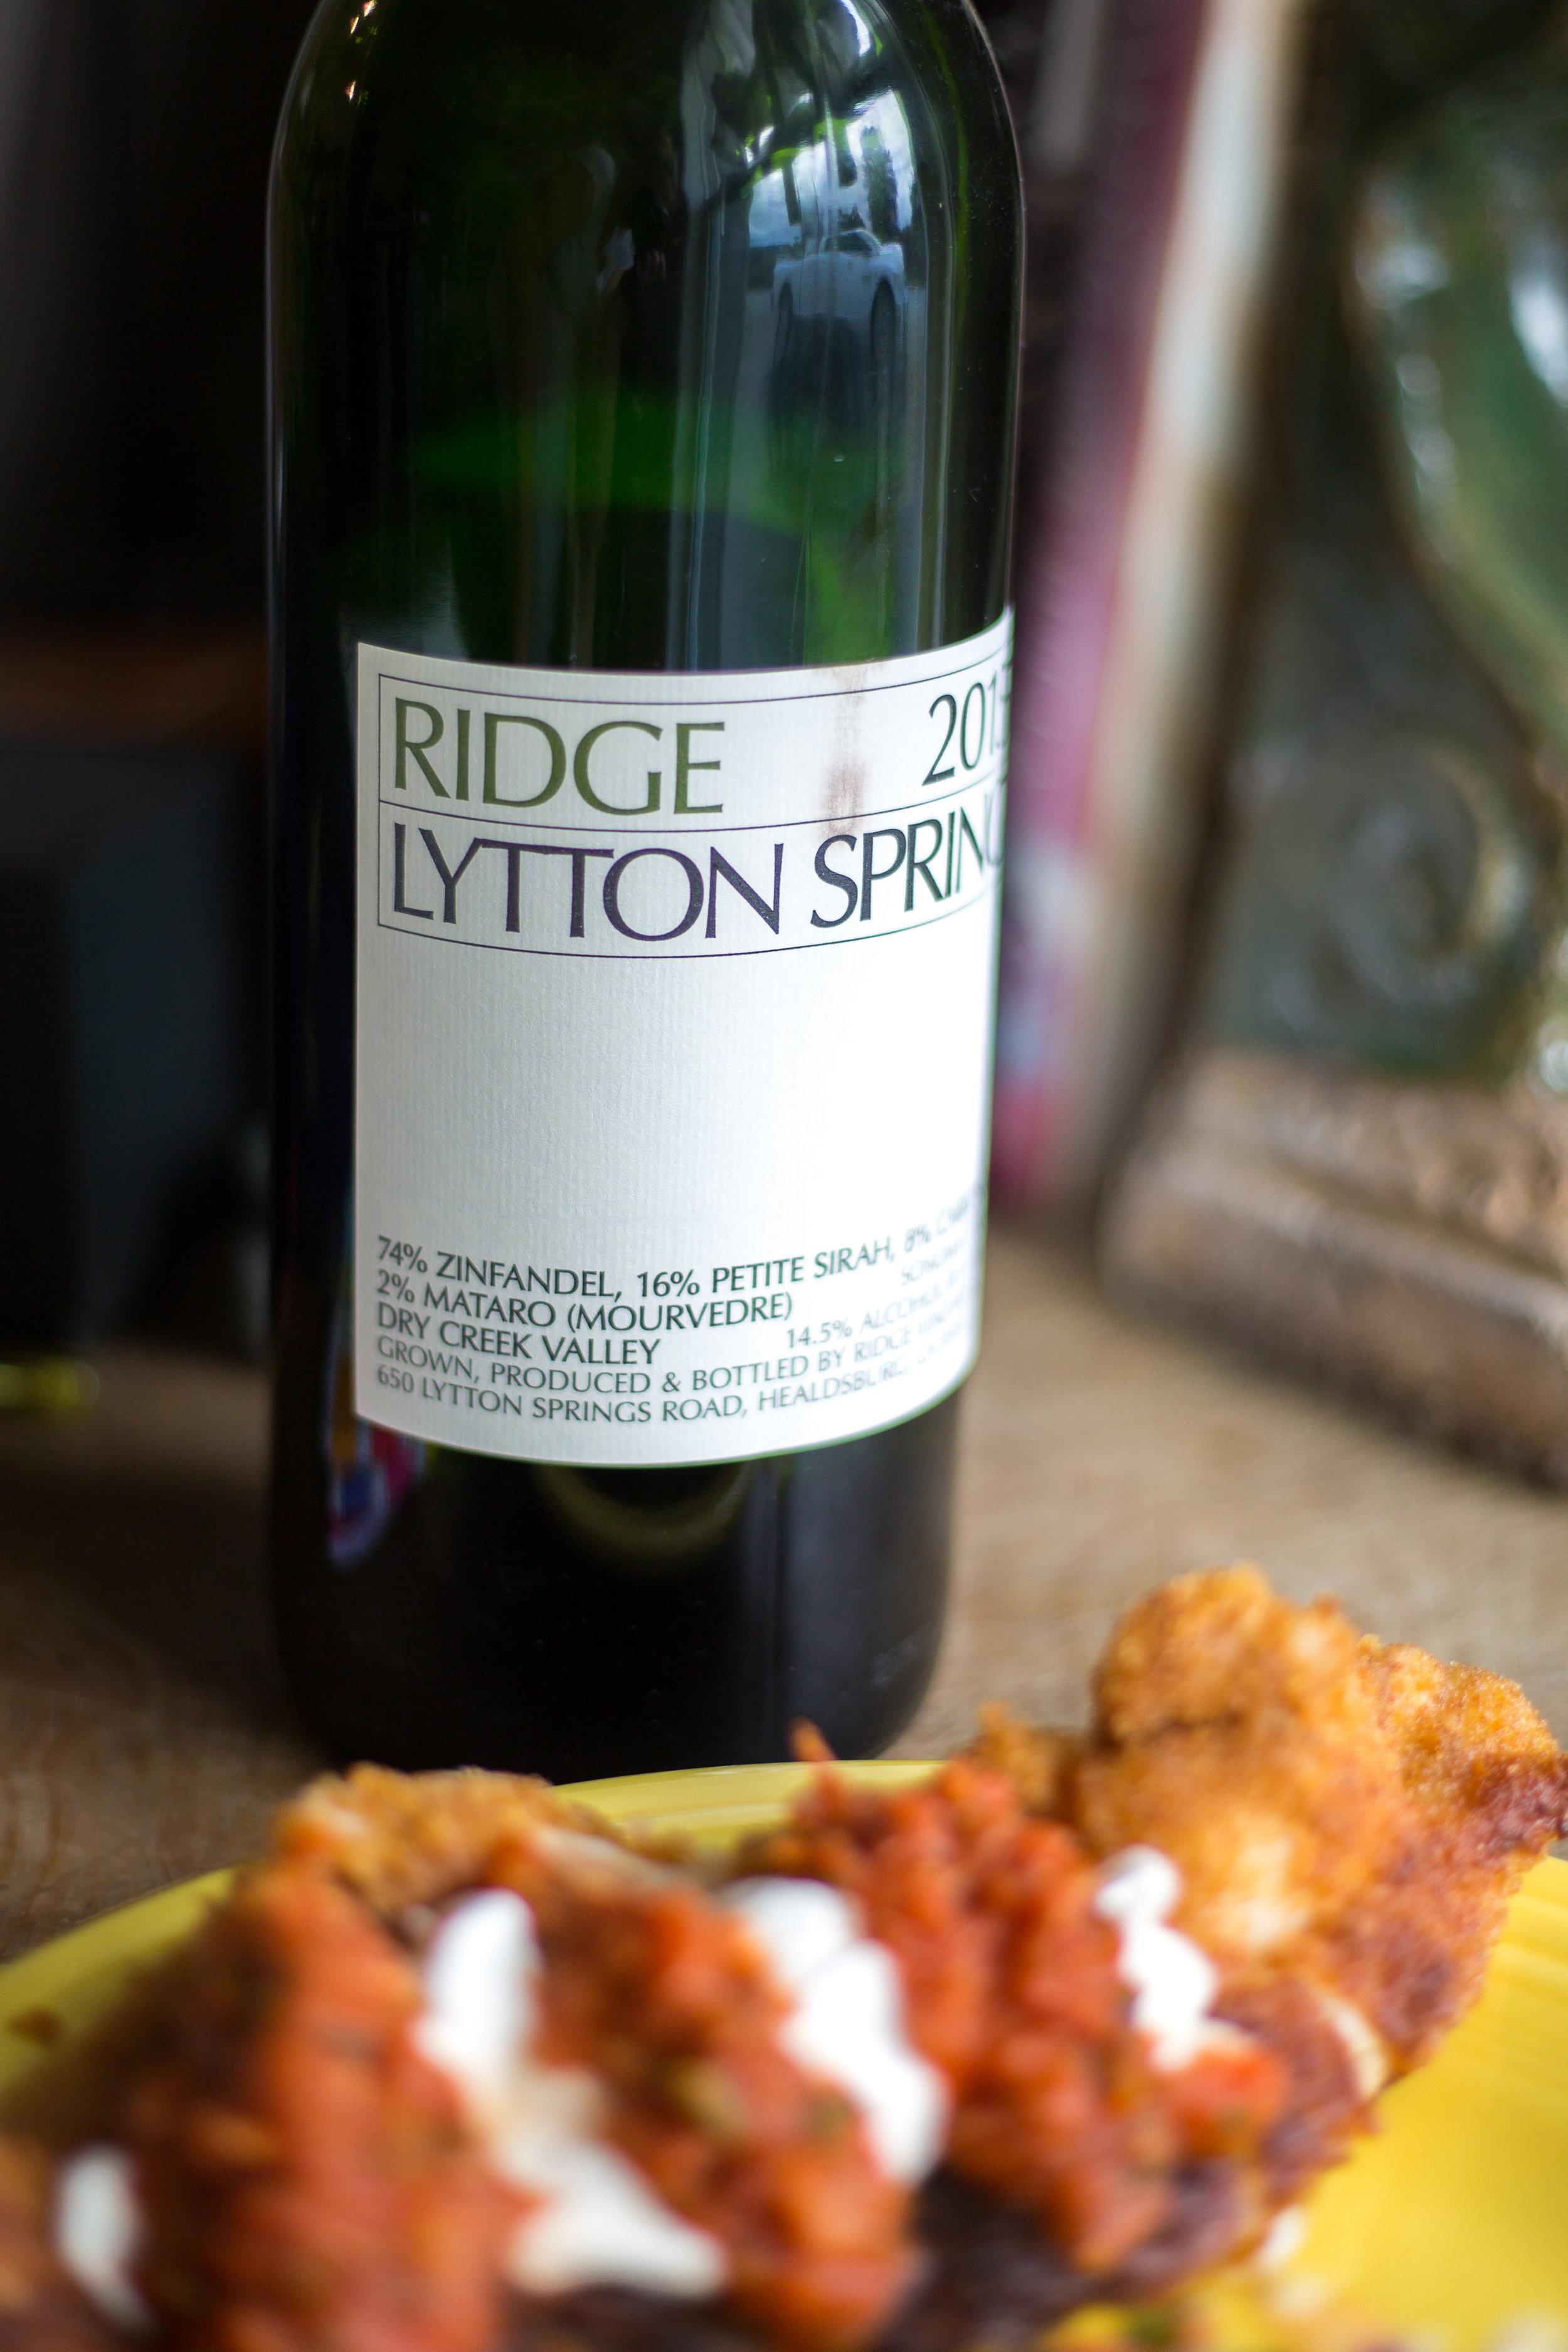 Ridge Lytton Springs Zinfandel wine